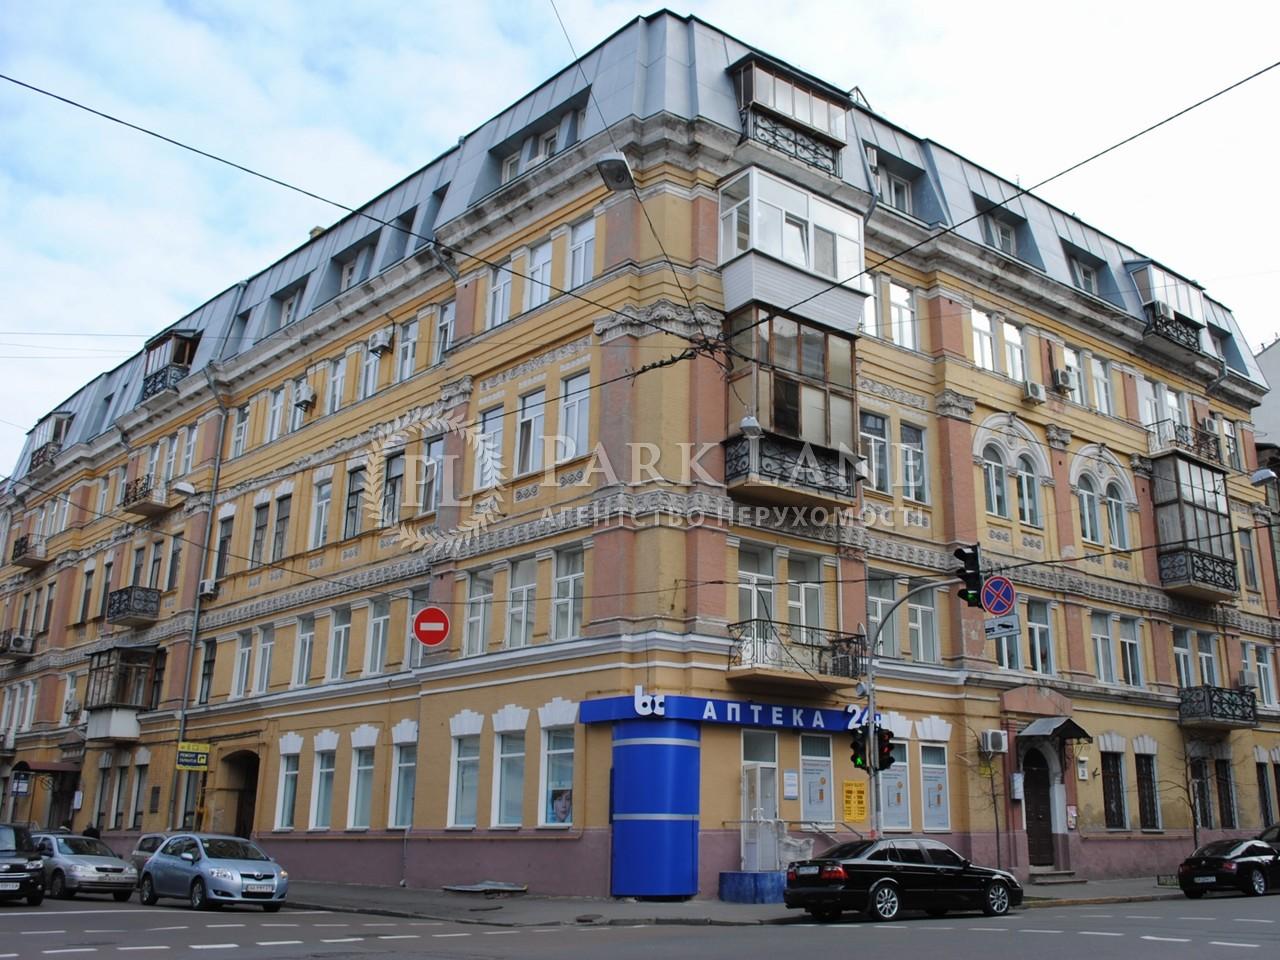 Квартира ул. Ярославов Вал, 28/31, Киев, Z-1202632 - Фото 1